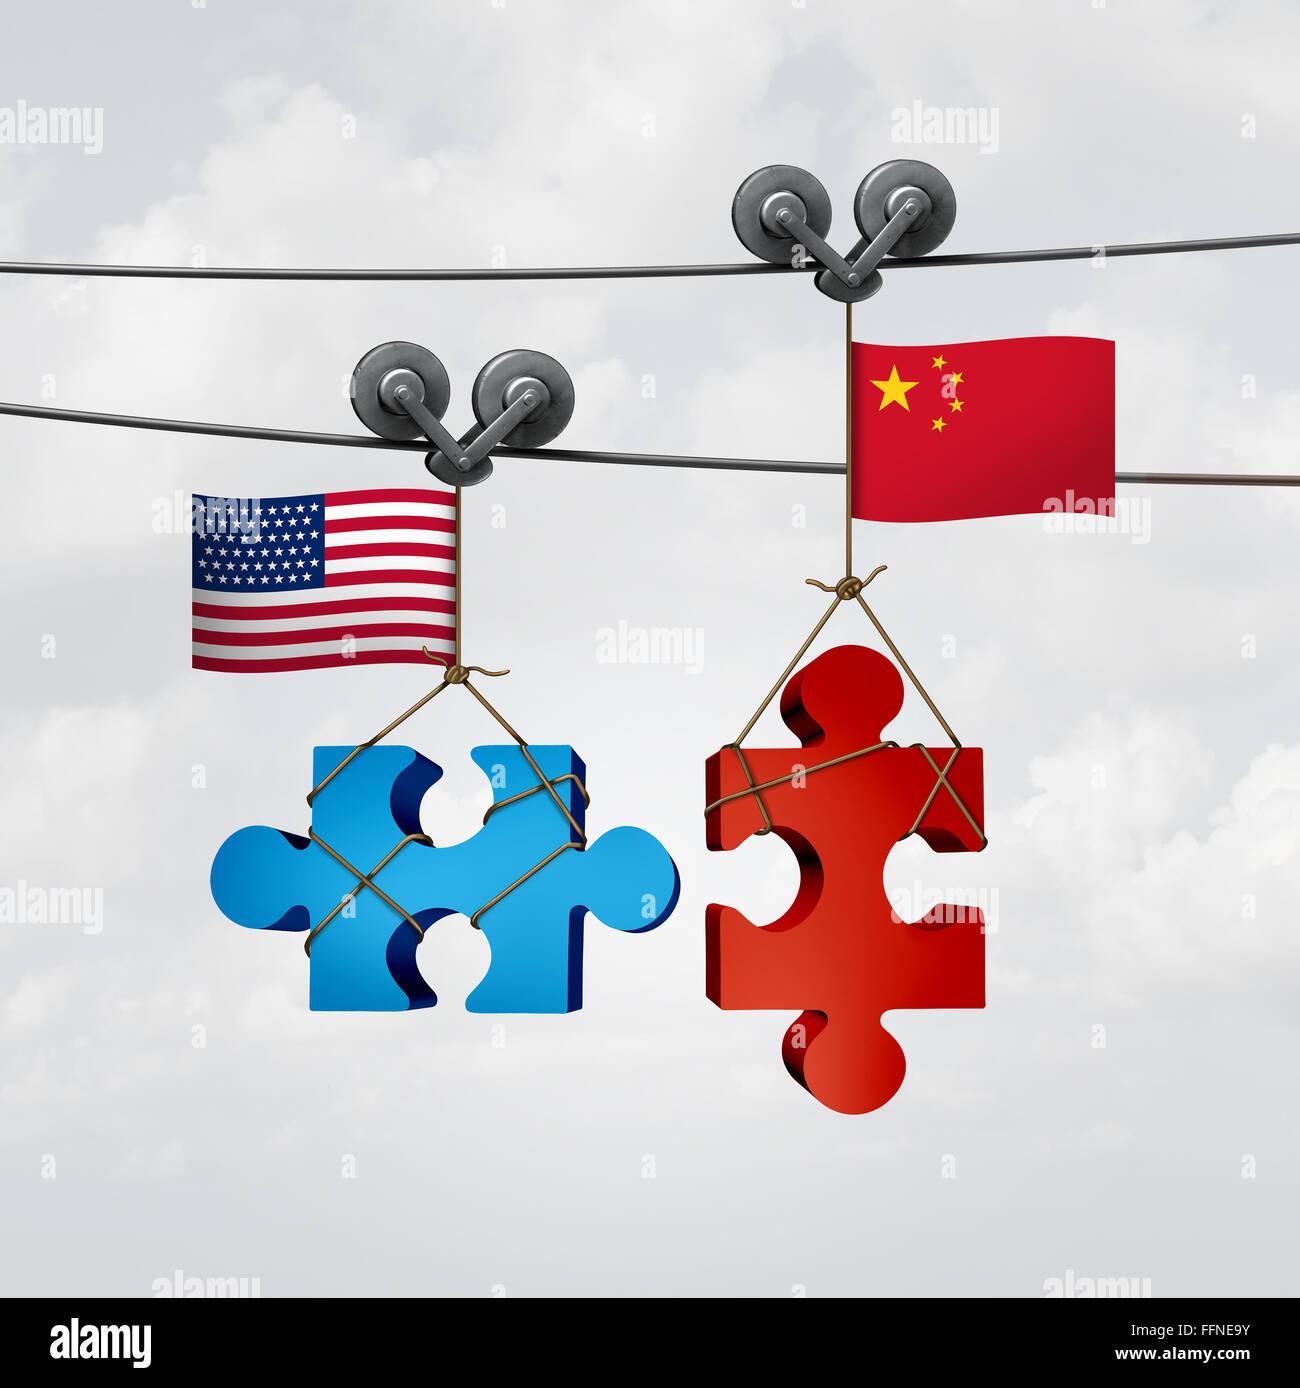 Amerikanische und chinesische Zusammenarbeit Erfolg als zwei Teile eines Jigsaw Puzzle Fron der Vereinigten Staaten Stockbild